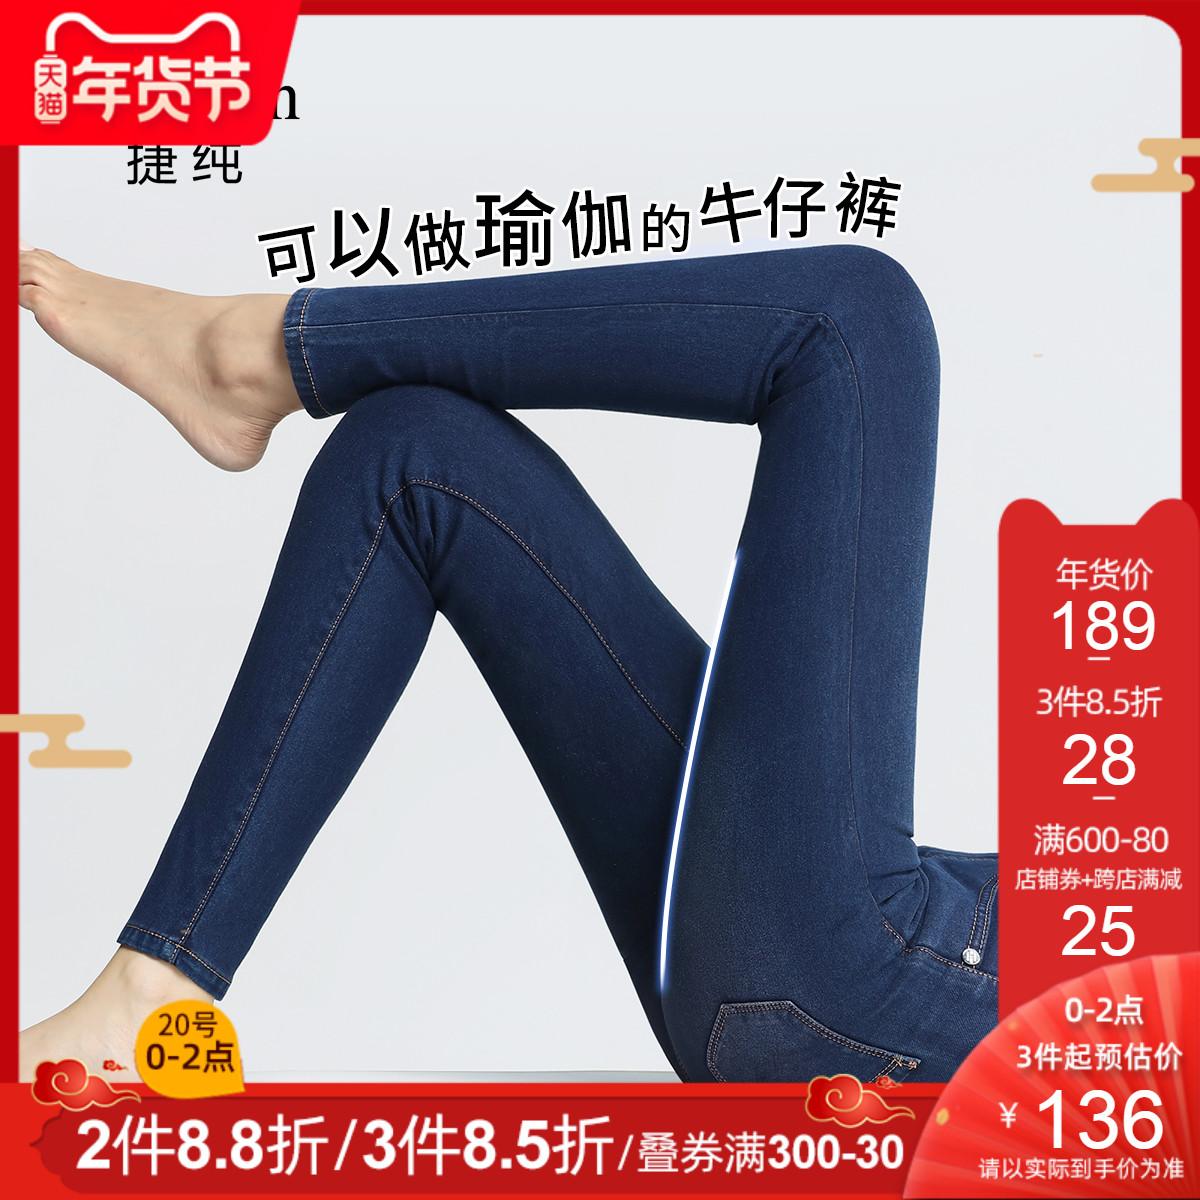 加绒高腰牛仔裤女秋冬显瘦弹力铅笔裤